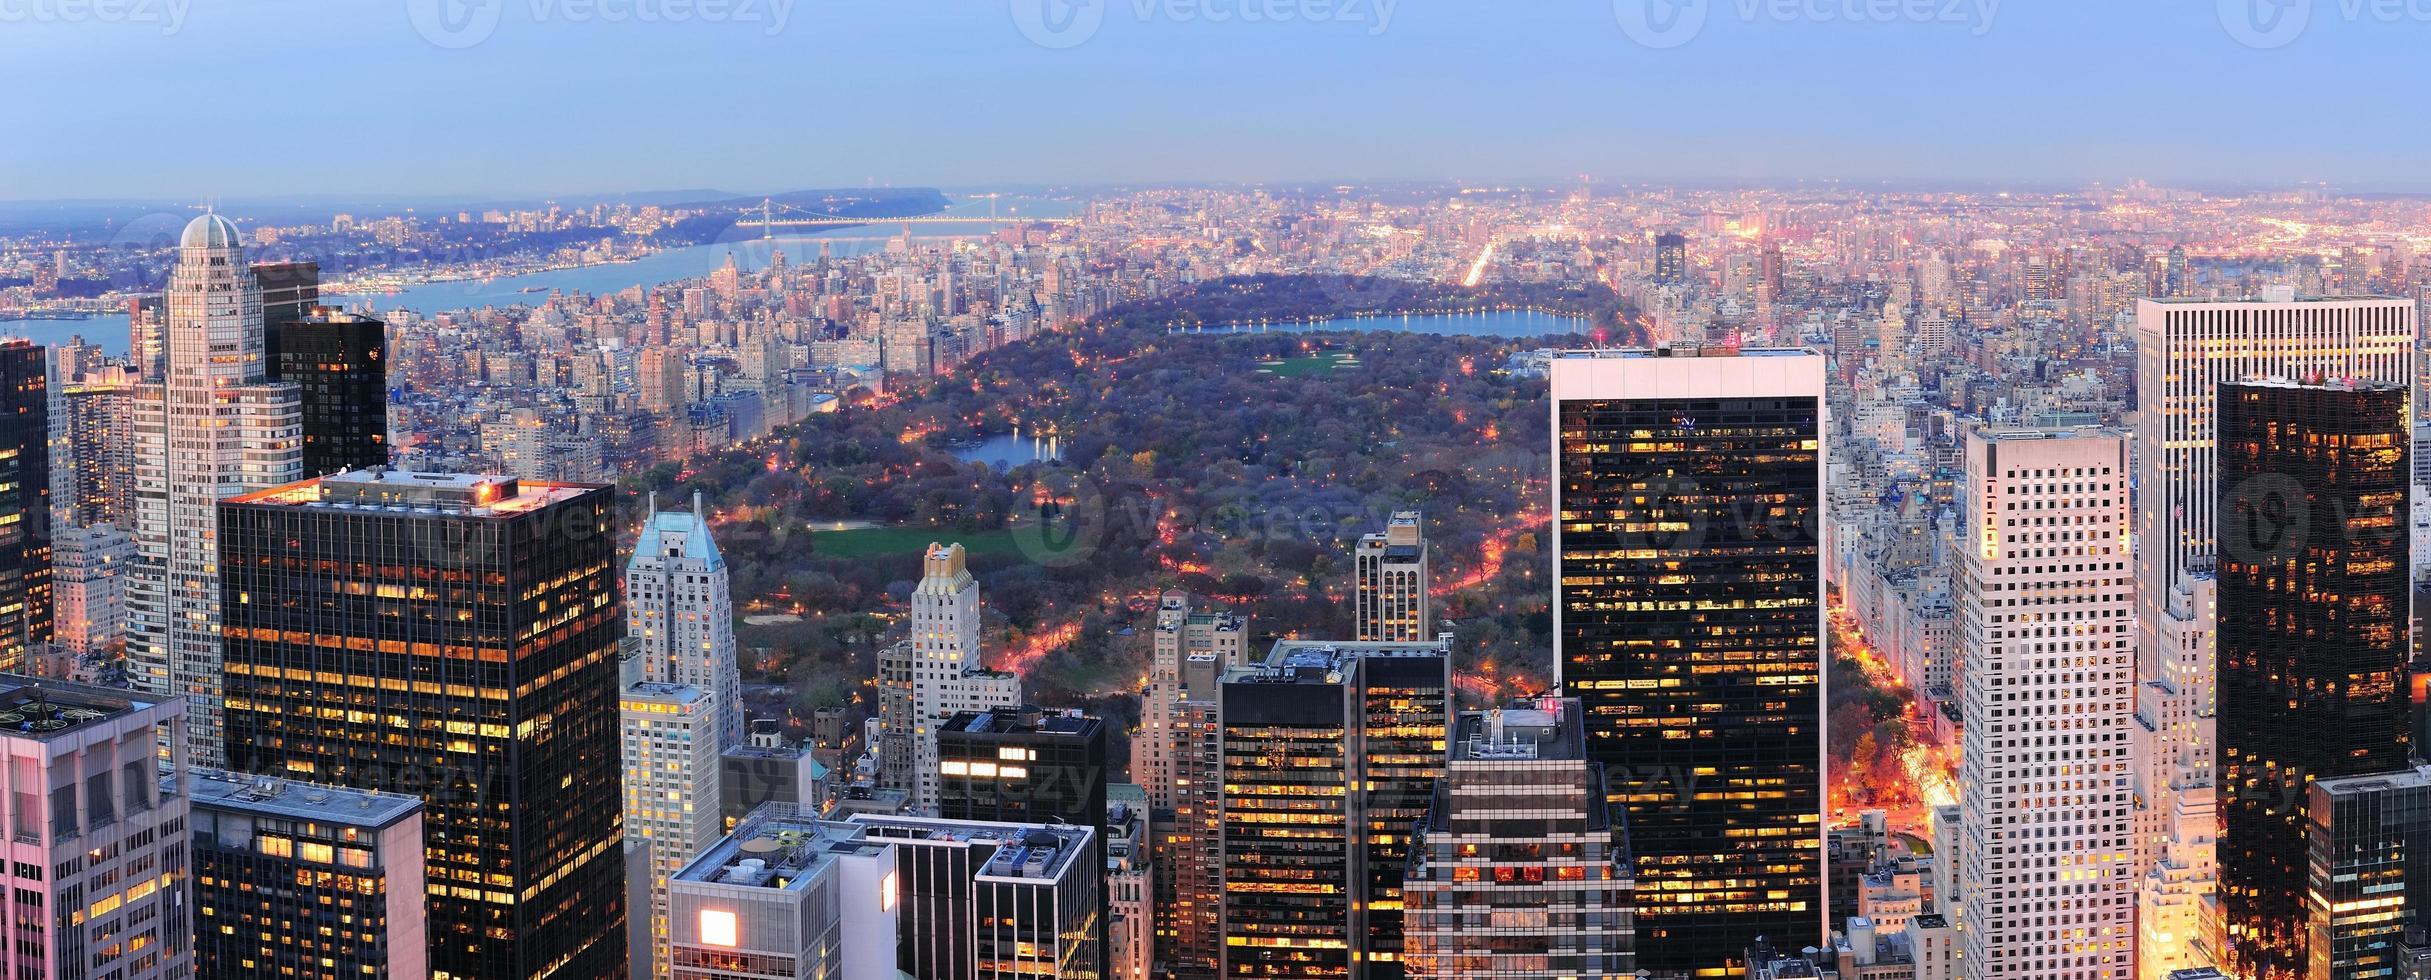 panorama du parc central de new york city photo